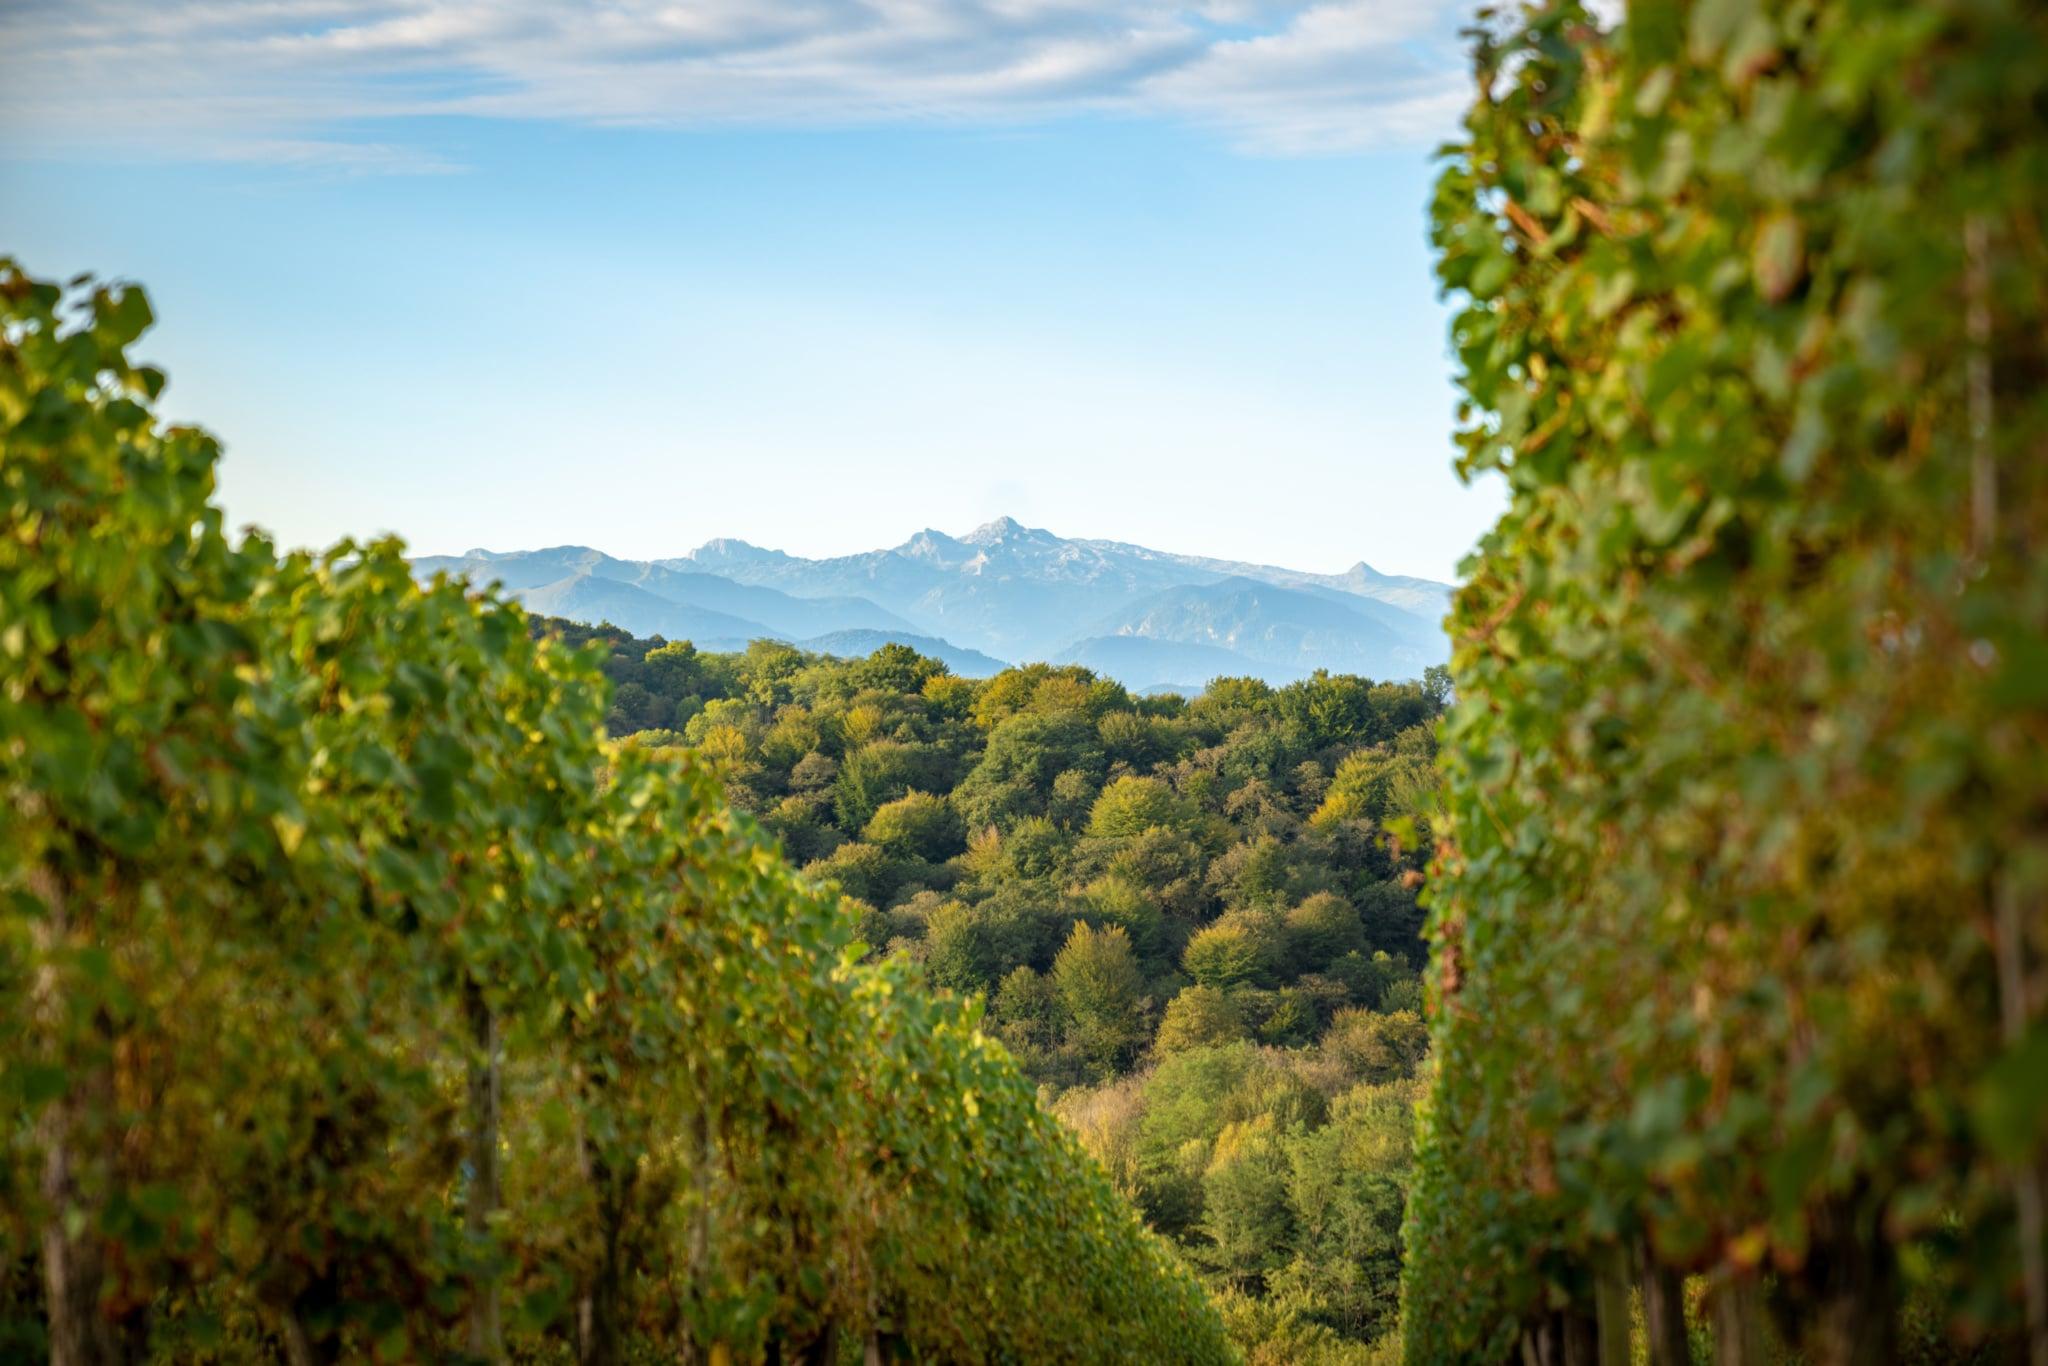 sejour-bearn-Jurançon-paysage-vignoble©P.Carton